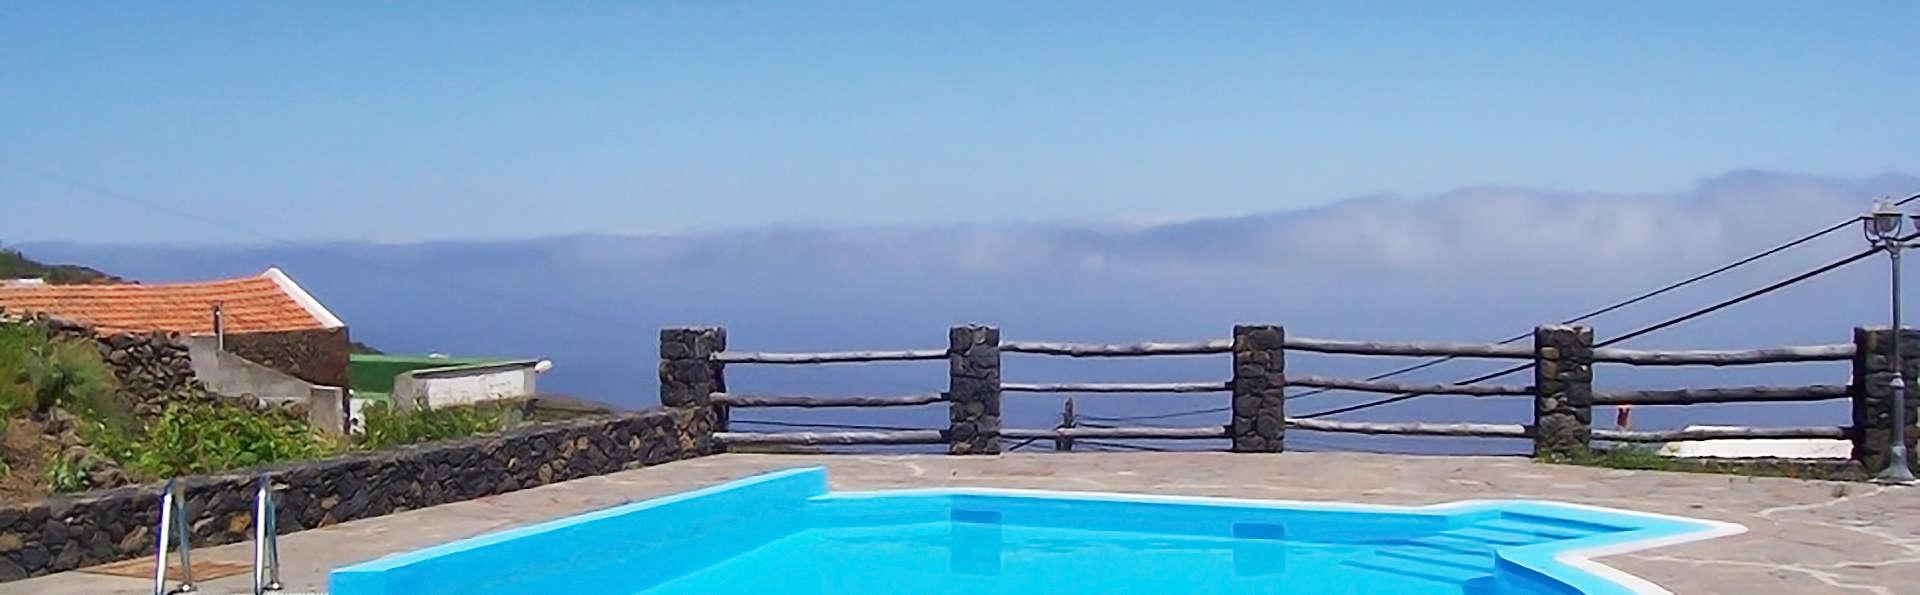 Escapada con desayuno e impresionantes vistas en Mocanal, El Hierro